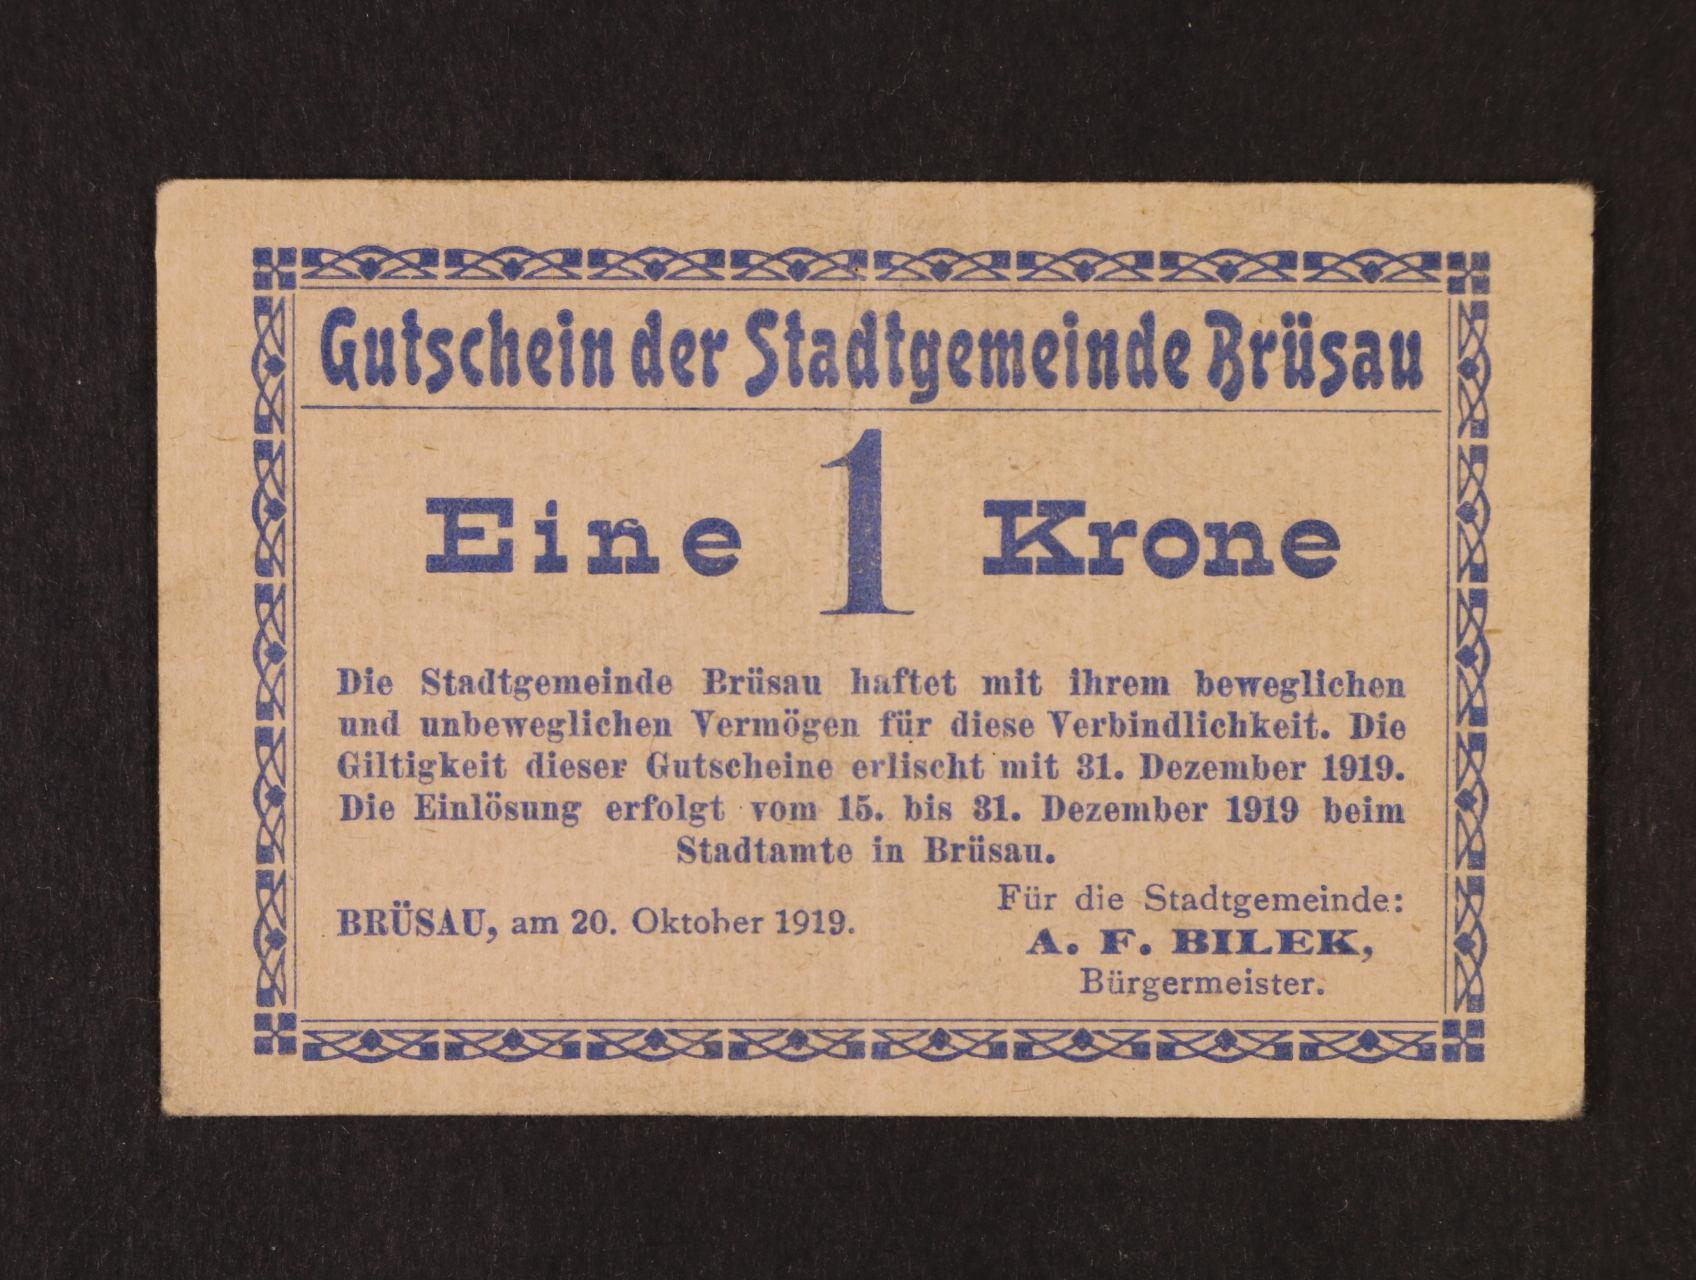 Brüsau (Březová), 1 K 20.10.1919 město, D.H. 17.1.2